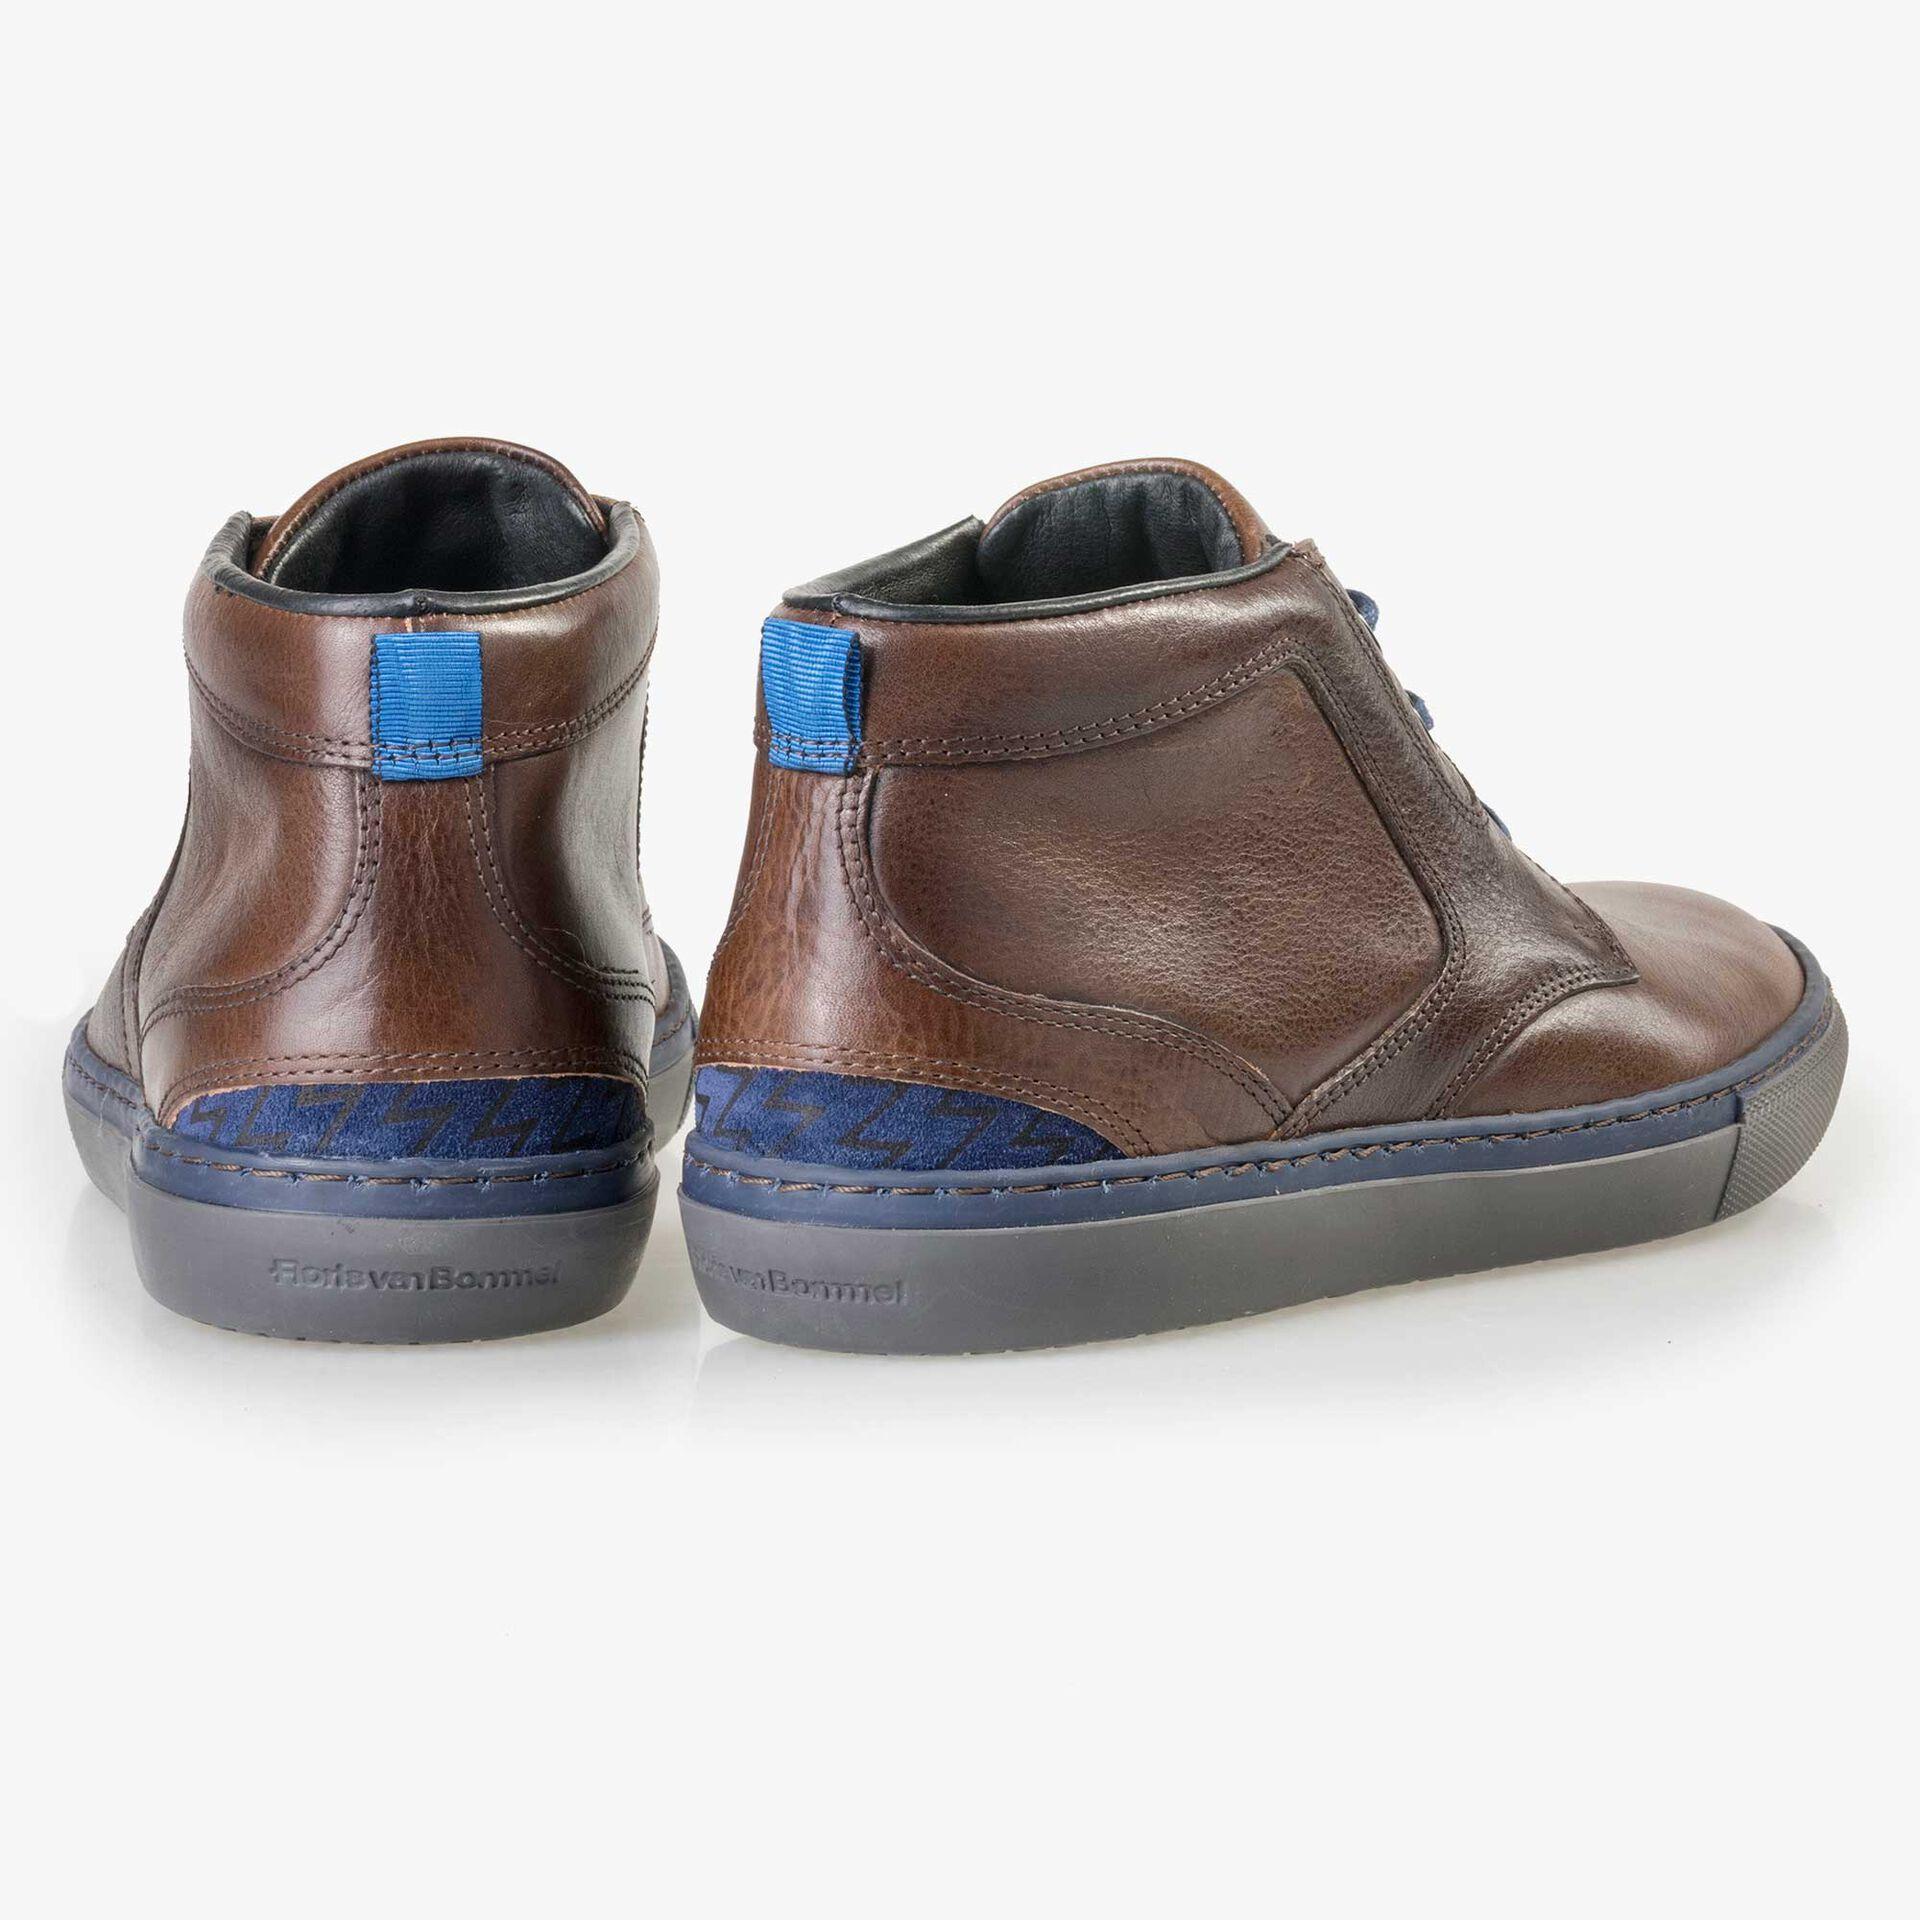 Floris van Bommel men's brown leather lace boot